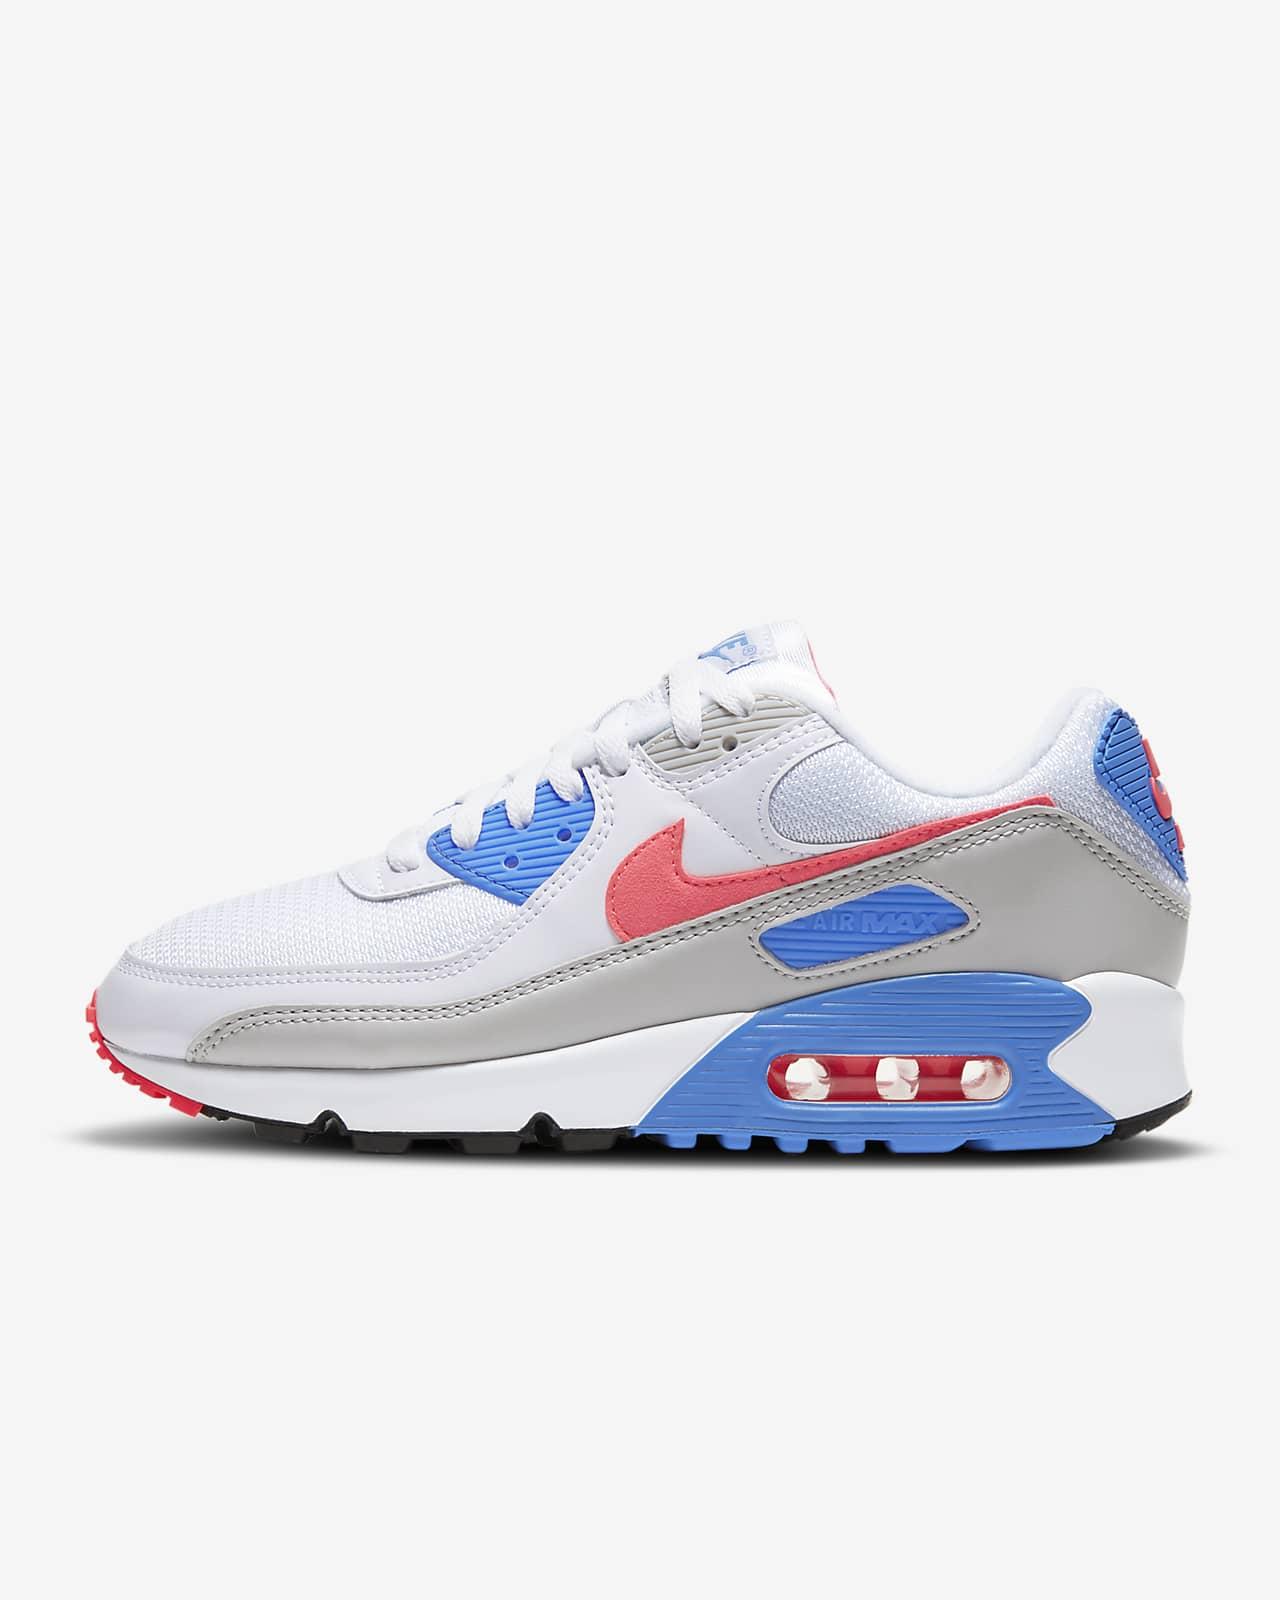 Sko Nike Air Max 3 för kvinnor